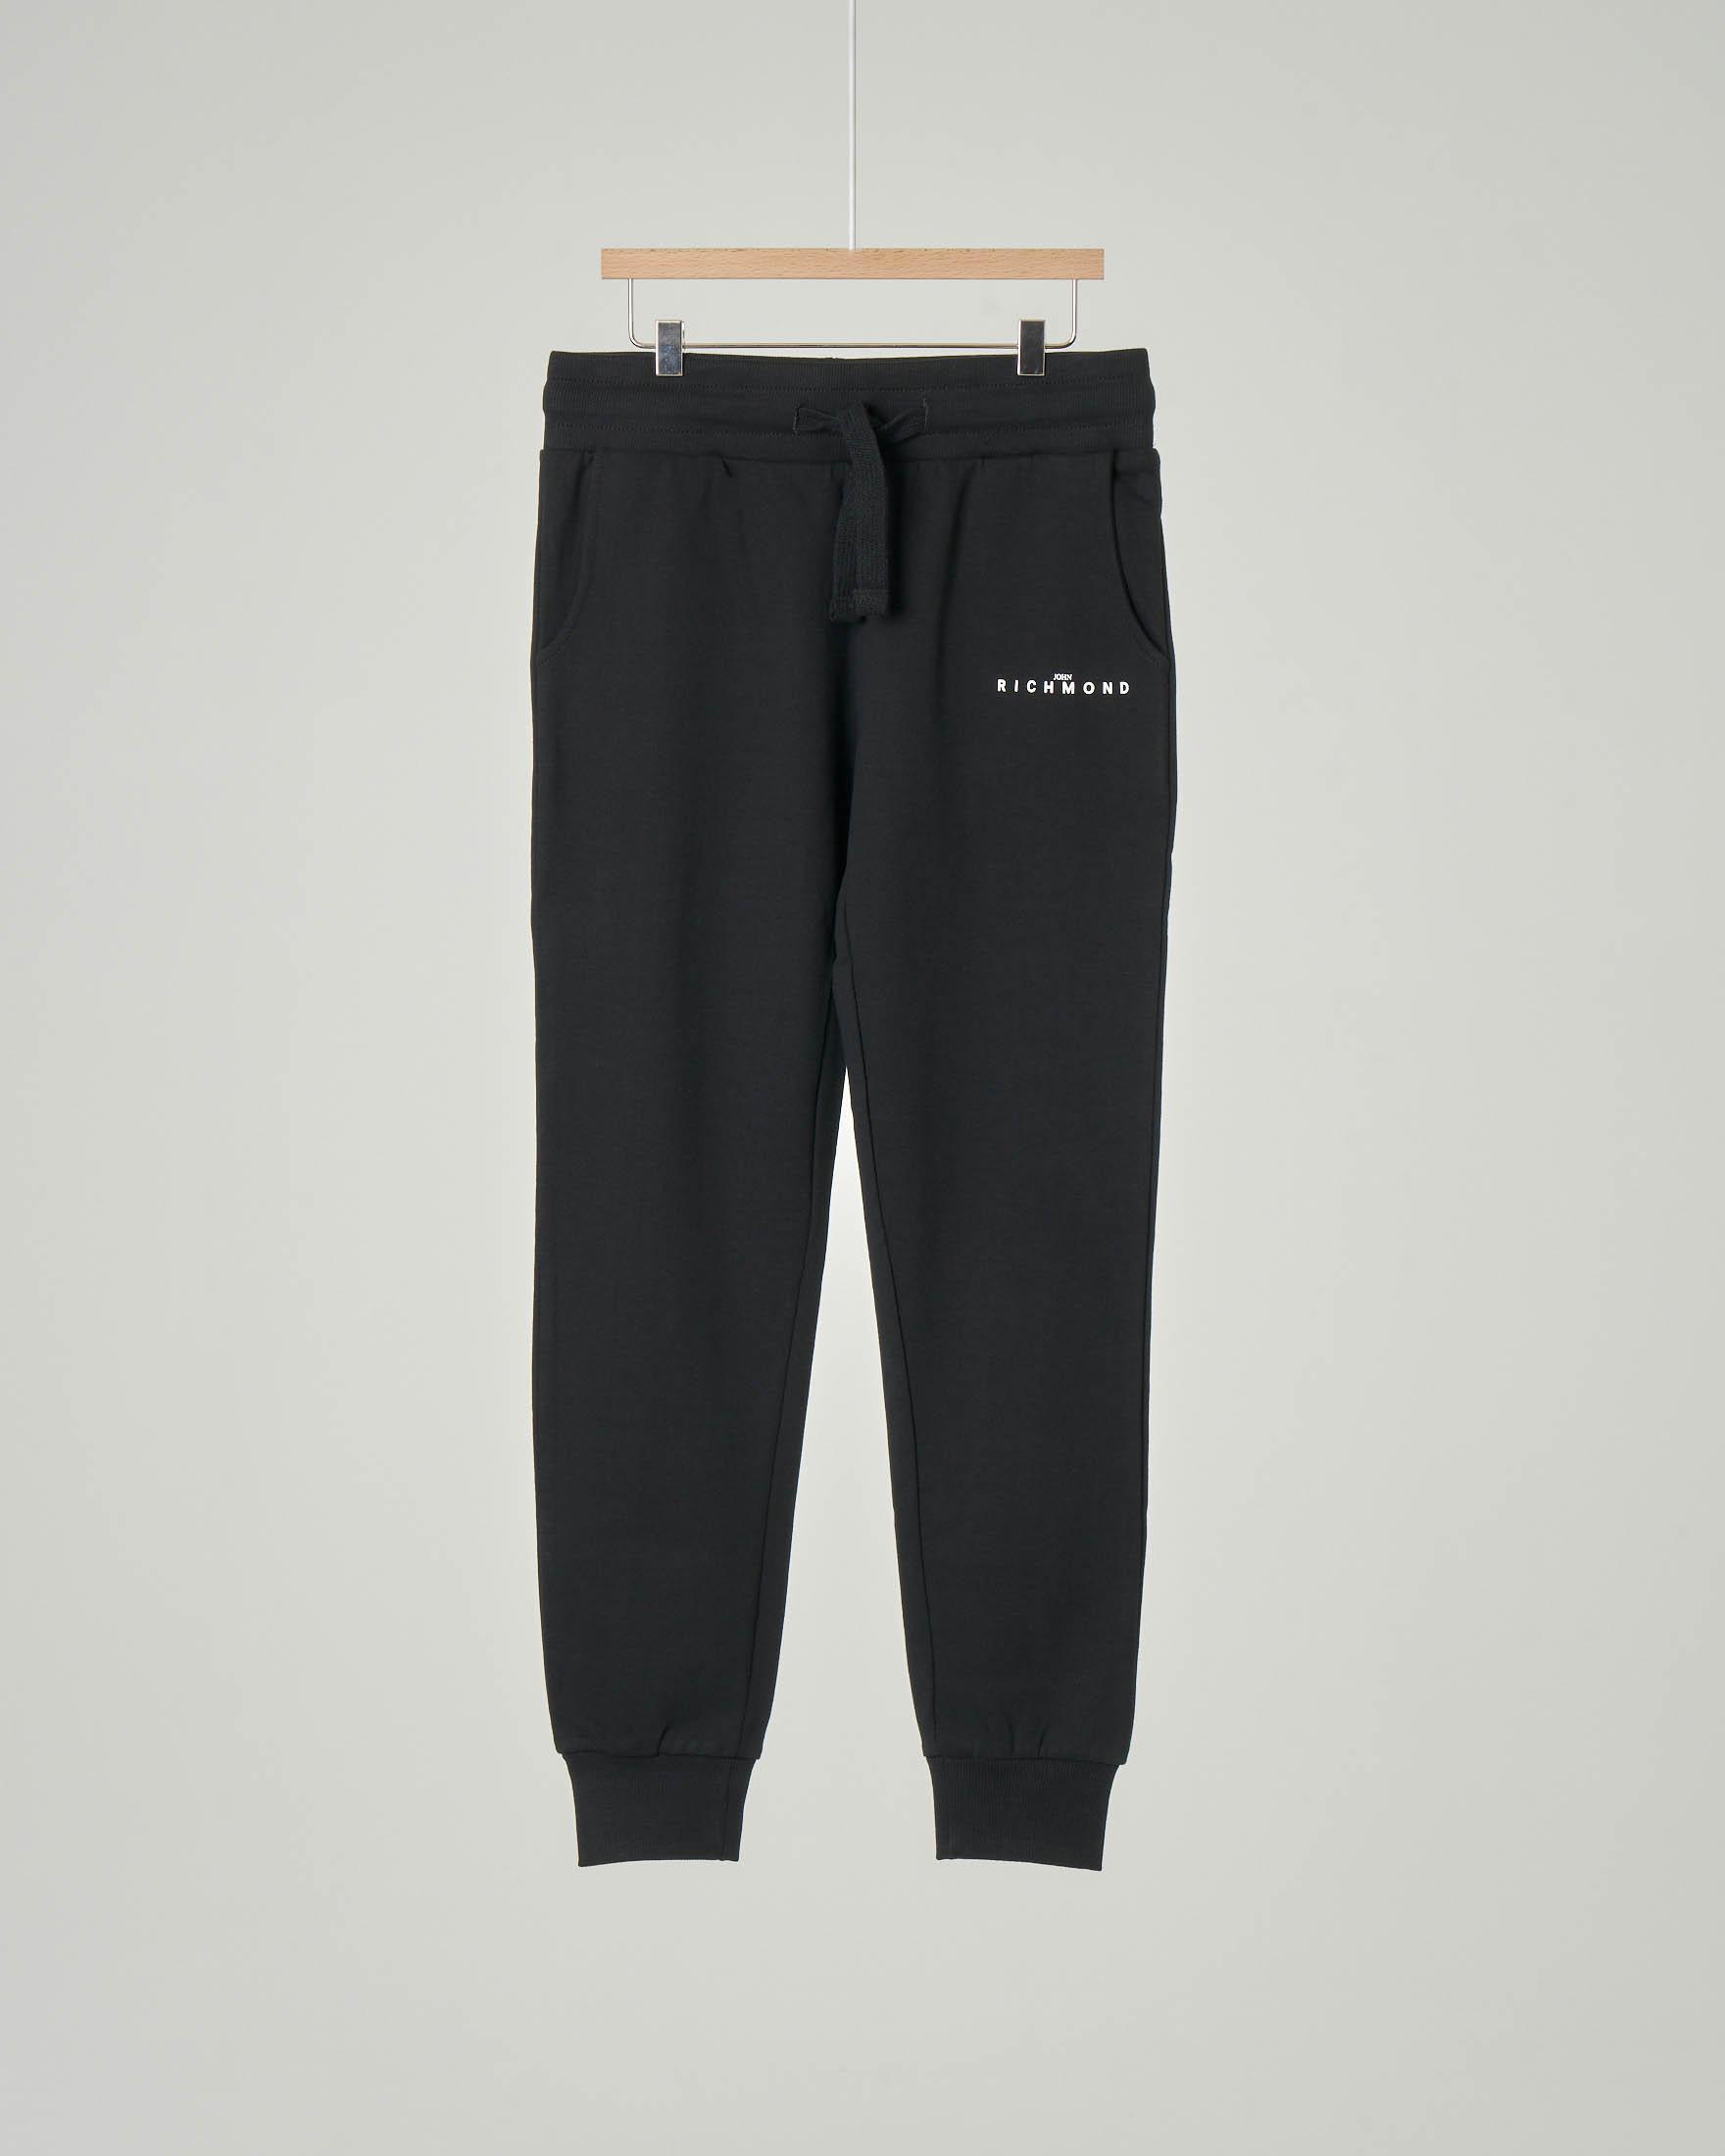 Pantalone nero in felpa con scritta RICH bianca sul retro 10-16 anni